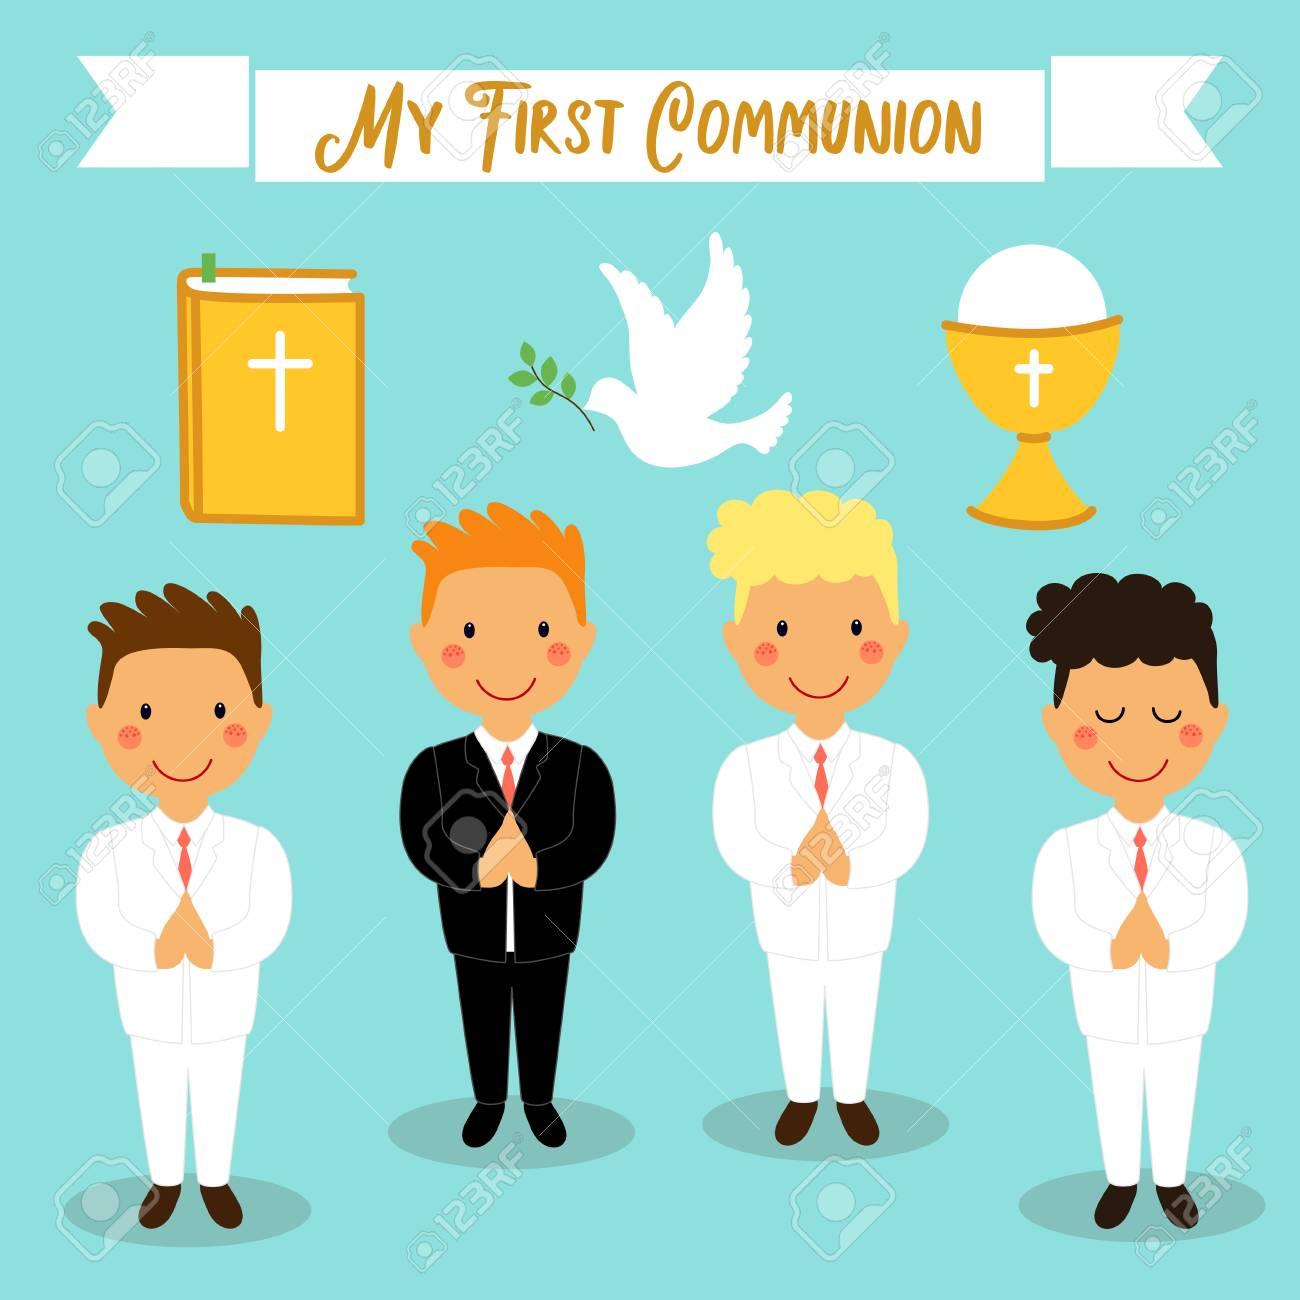 Netter Satz Gestaltungselemente Für Erste Kommunion Als